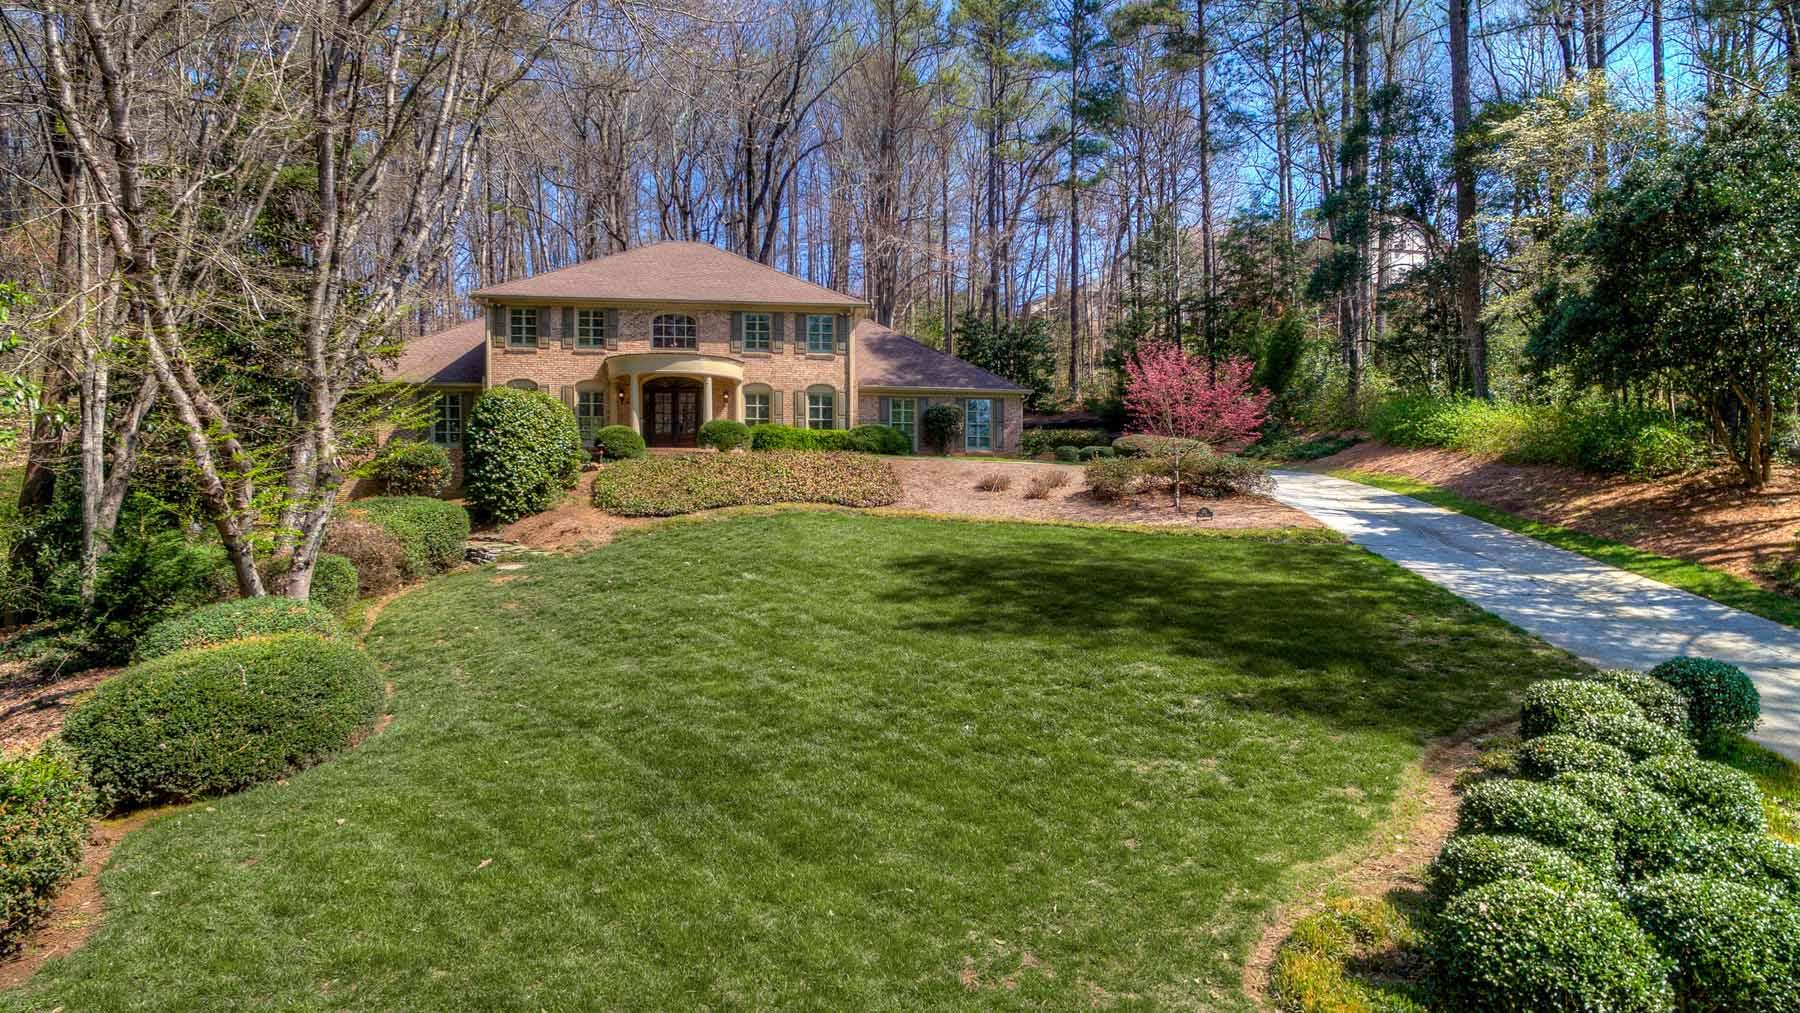 Casa para uma família para Venda às Beautiful Traditional Home On Cul-De-Sac 135 Trail Point Sandy Springs, Geórgia, 30350 Estados Unidos